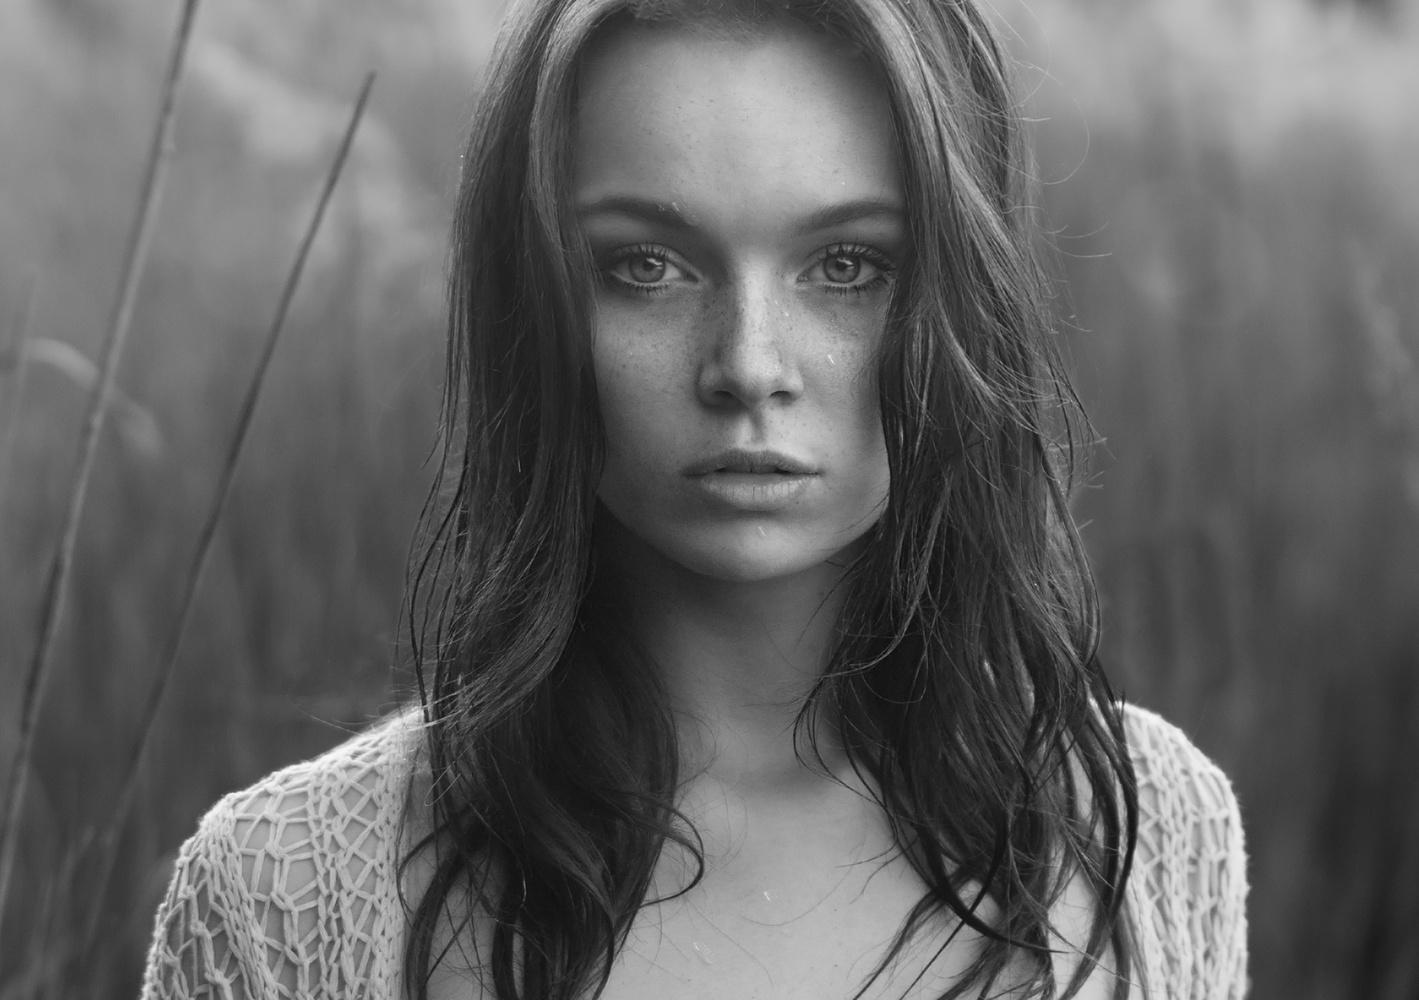 Serene by James Allen Stewart